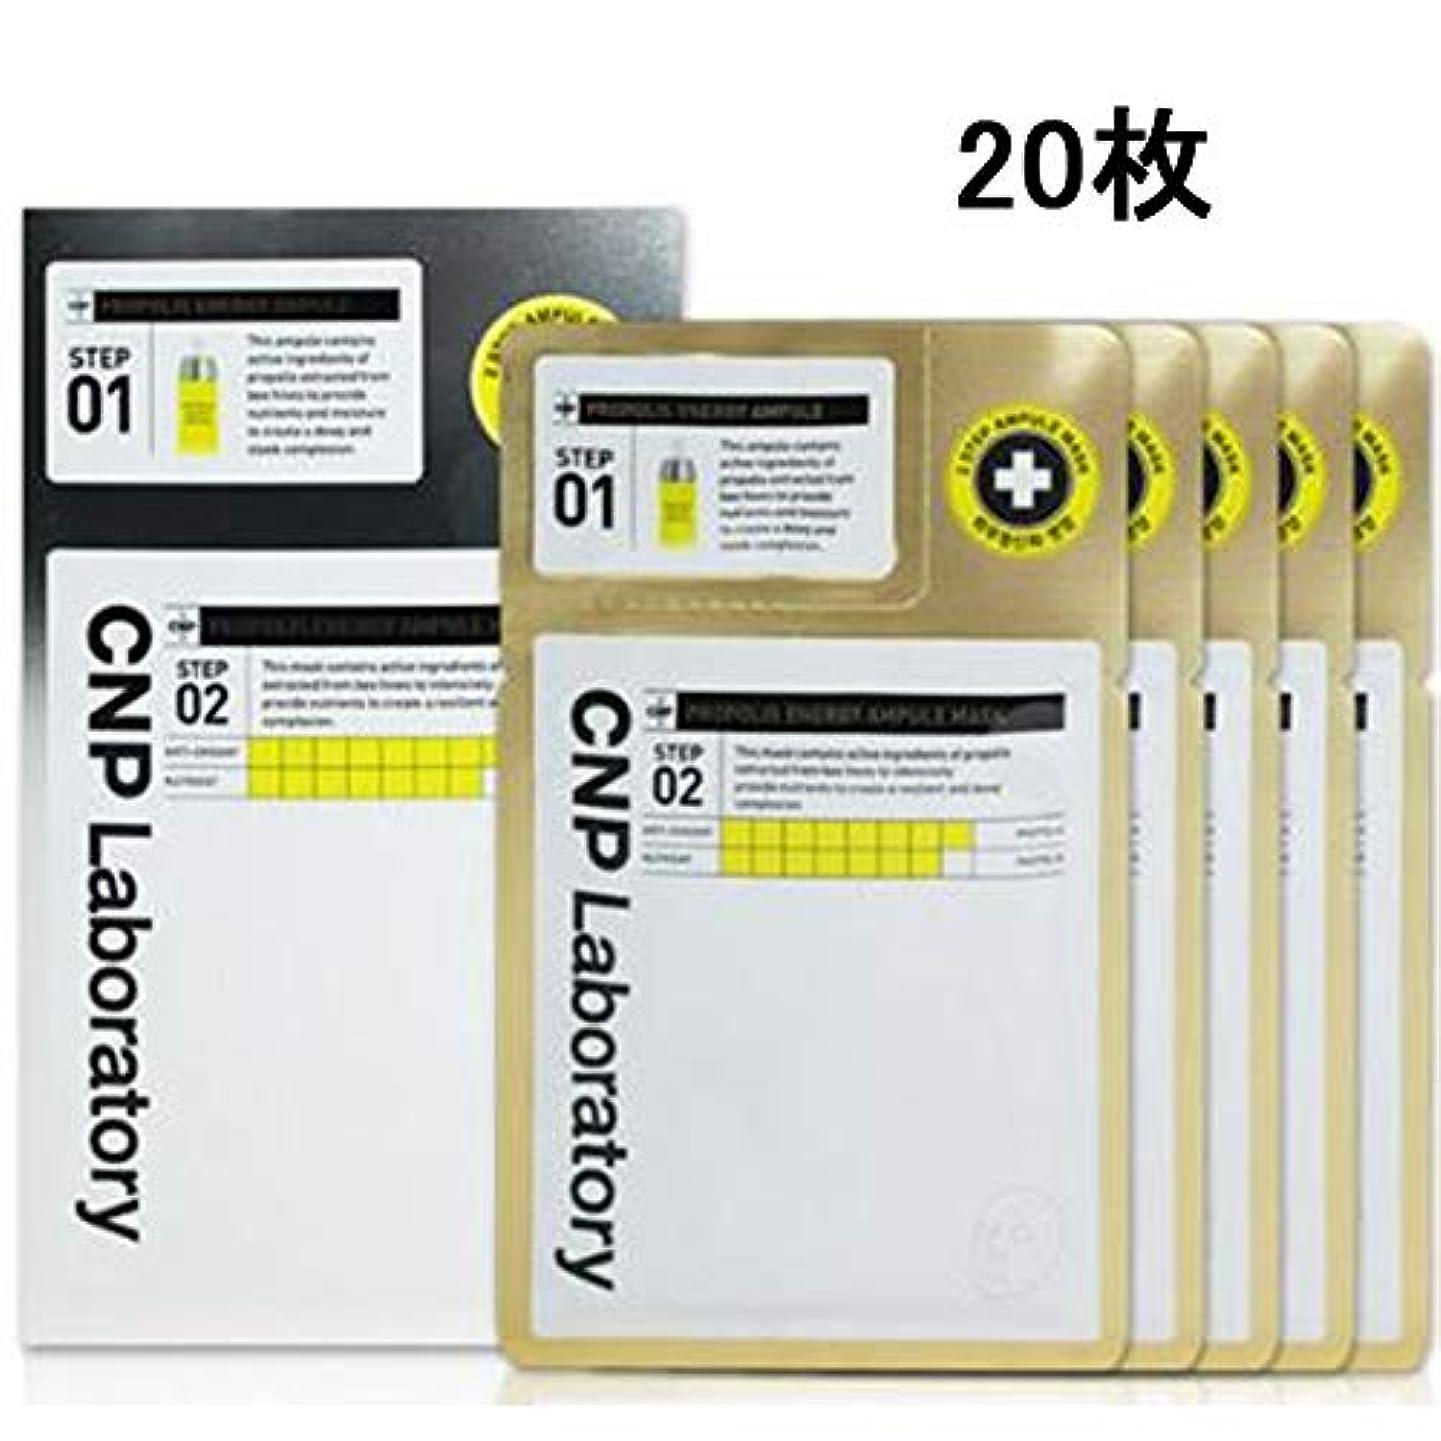 おもしろい受賞リーフレット[CNP]チャ&パクプロポリスエネルギーアンプルマスクパック20枚 (1step 1.5ml + 2step 30ml)[海外直送品][並行輸入品]